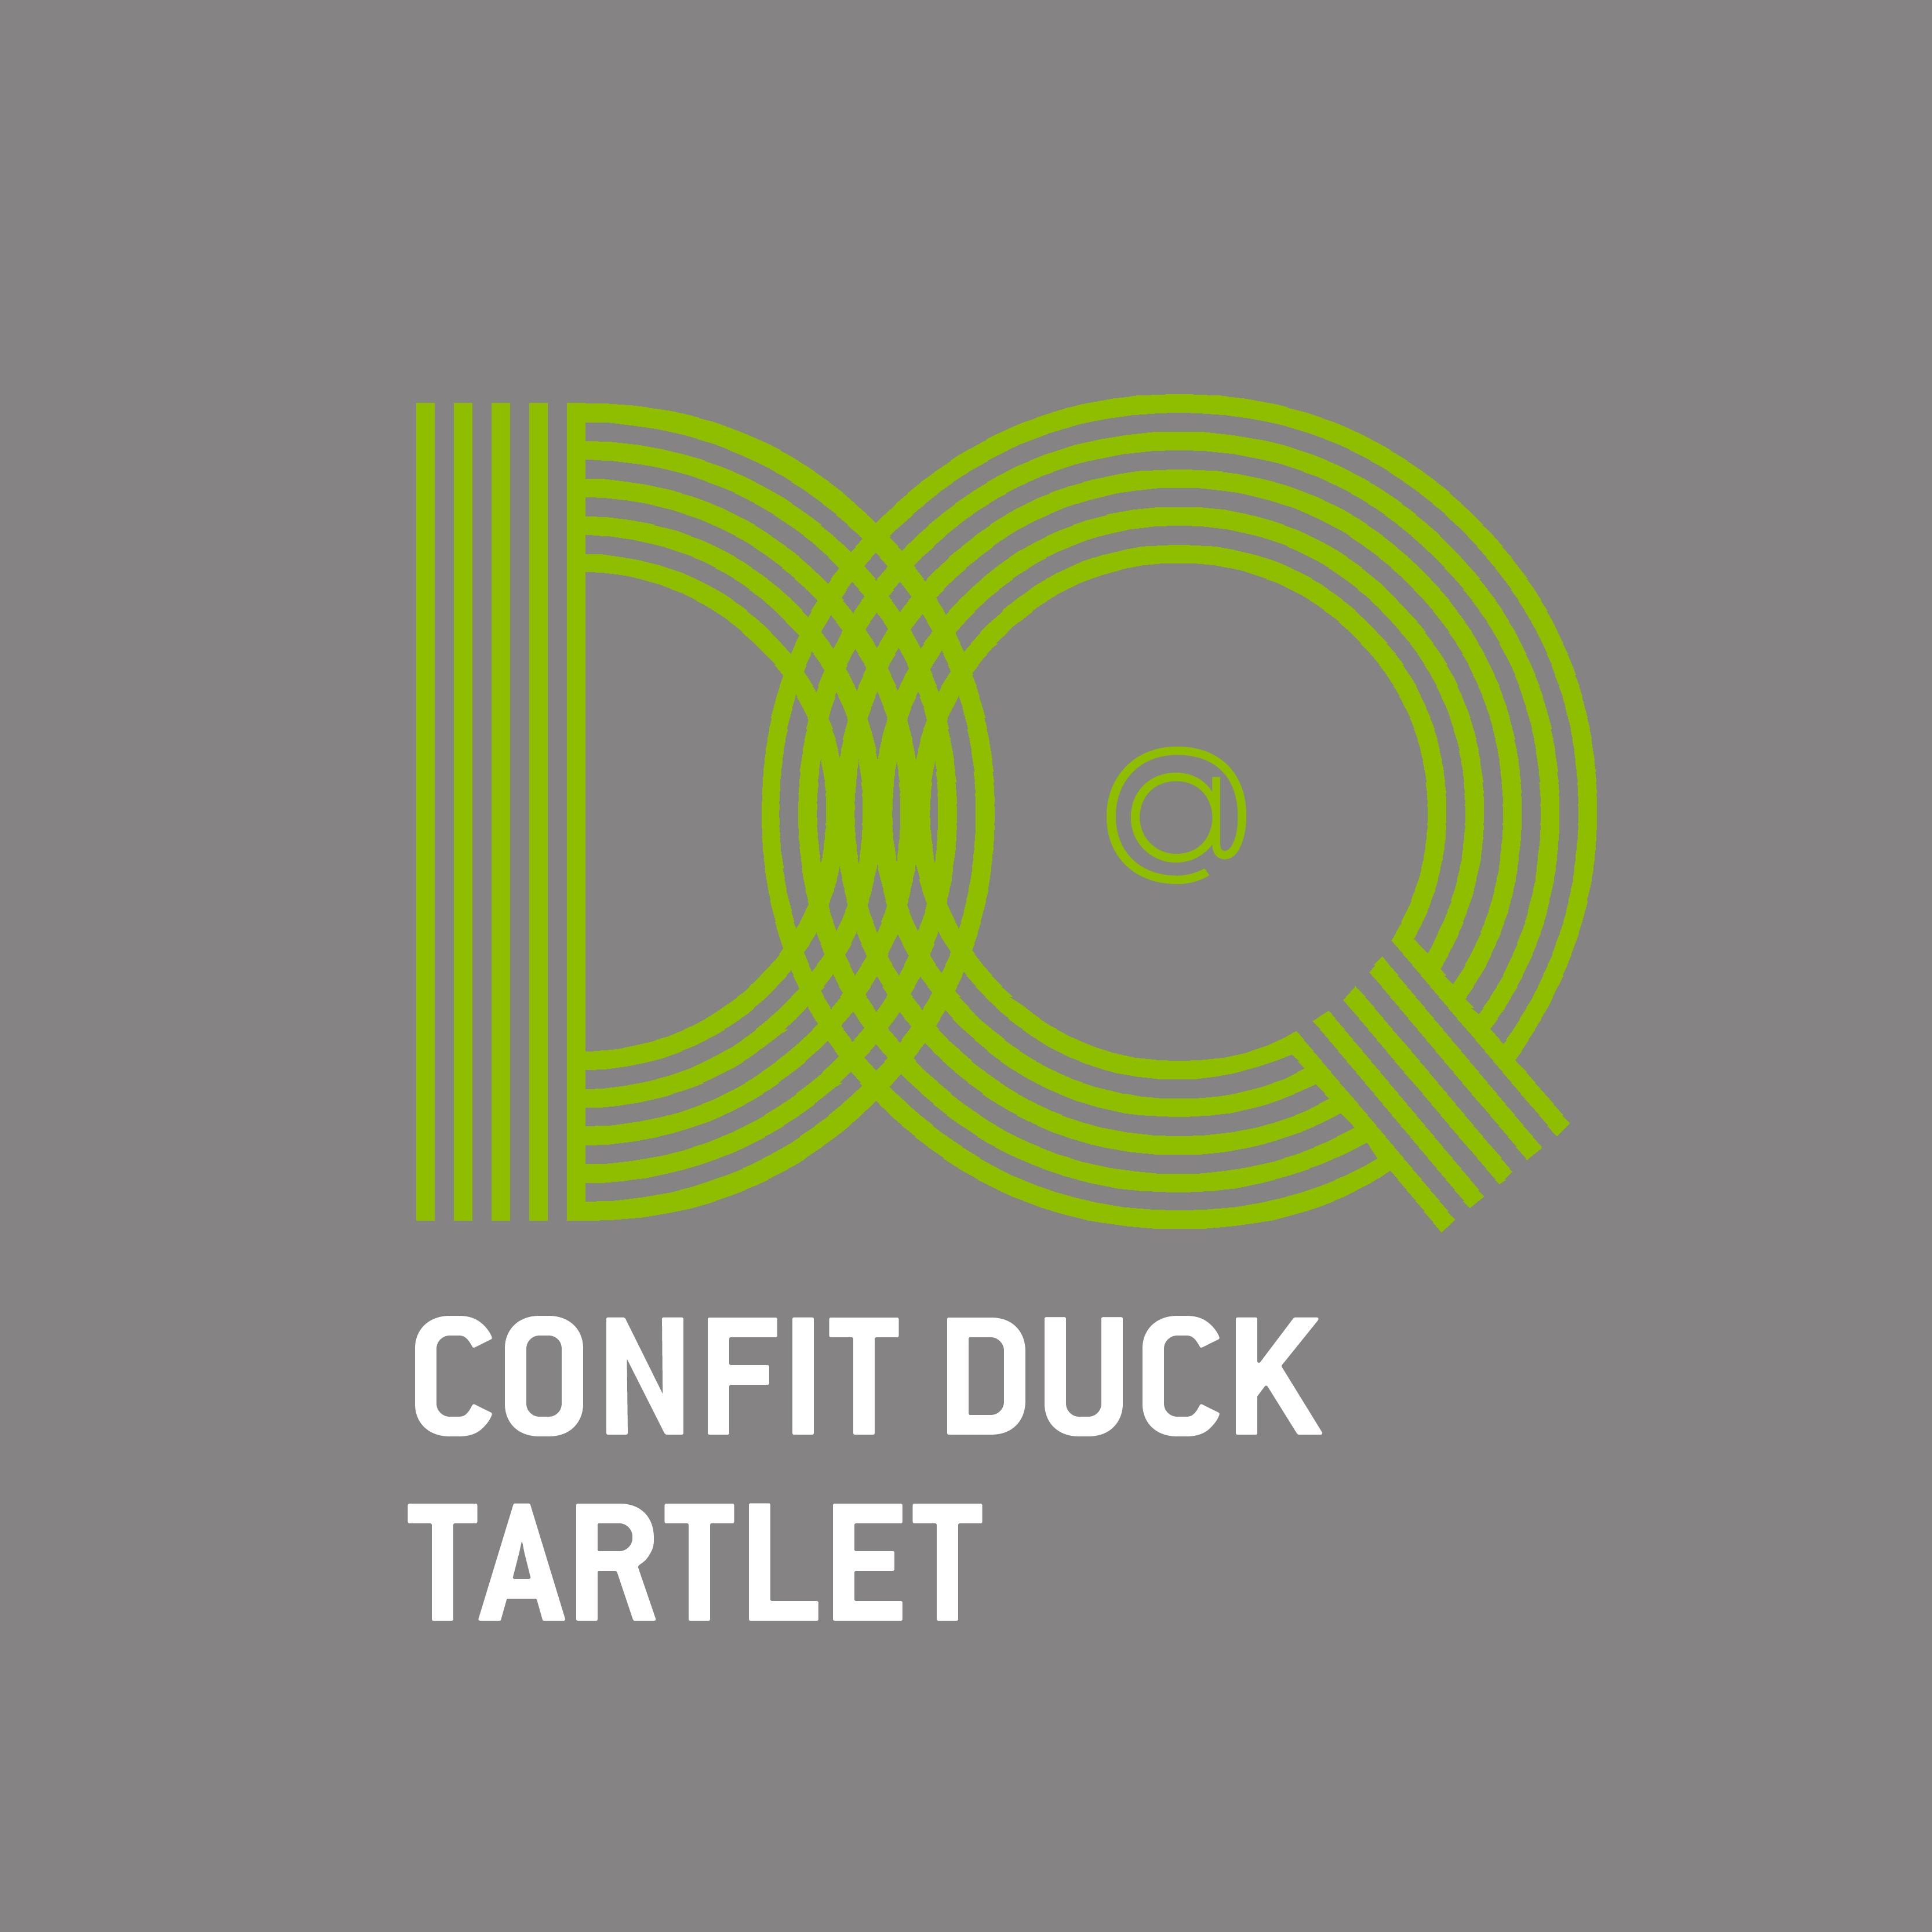 04. DQ - CONFIT DUCK TARTLET